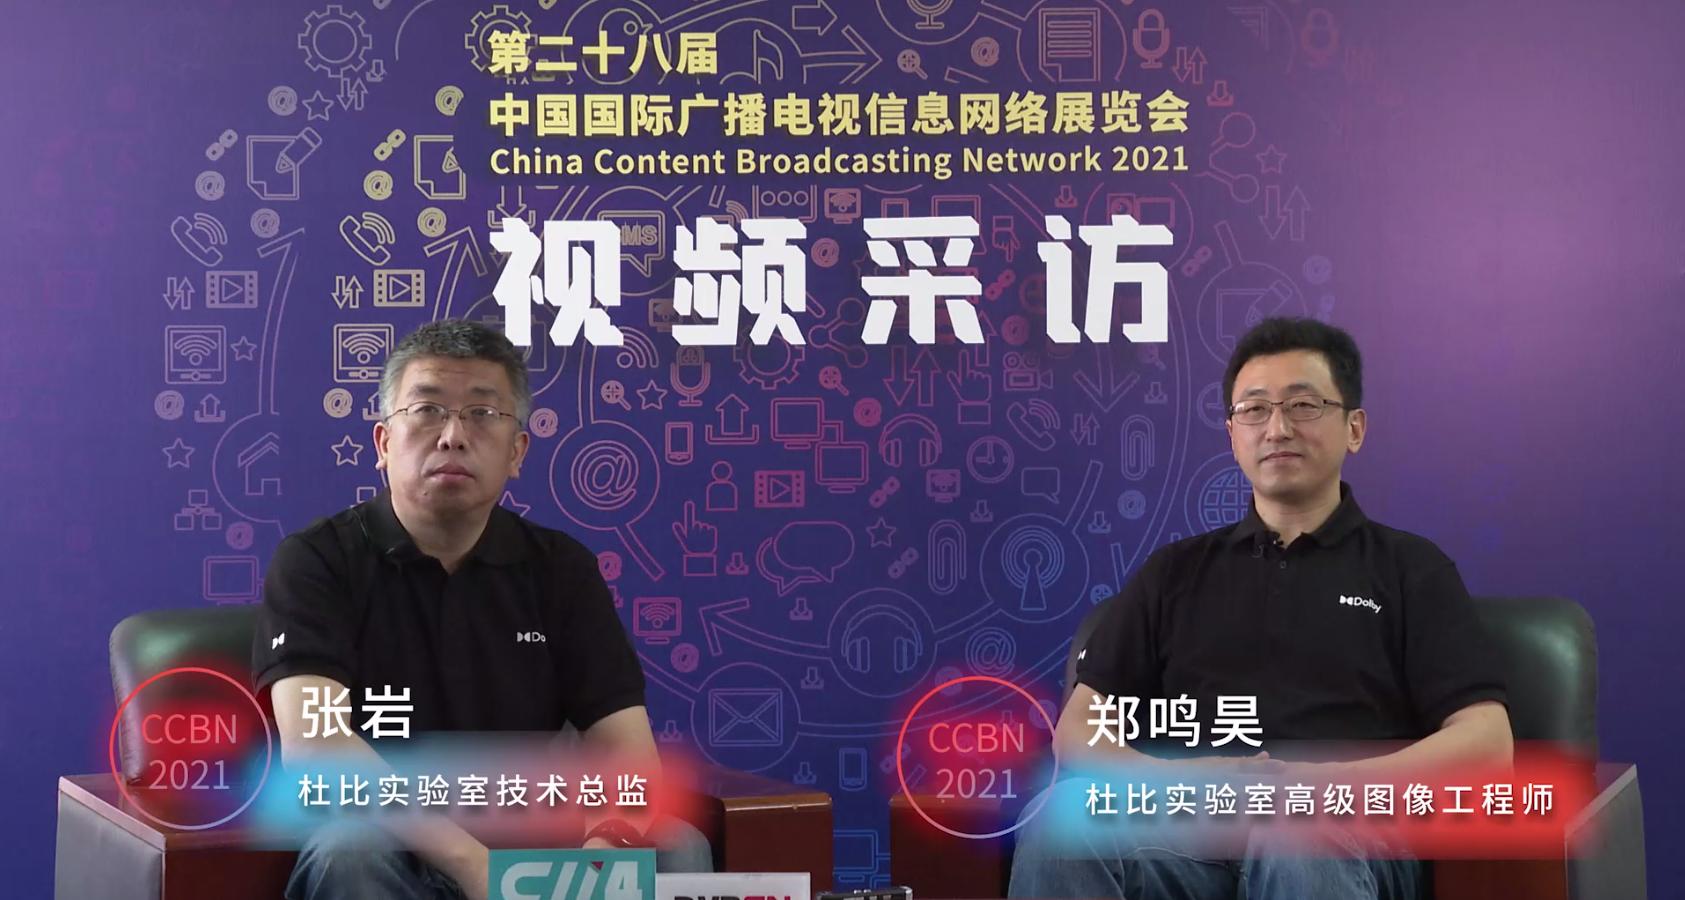 CCBN2021专访:杜比让世界更精彩